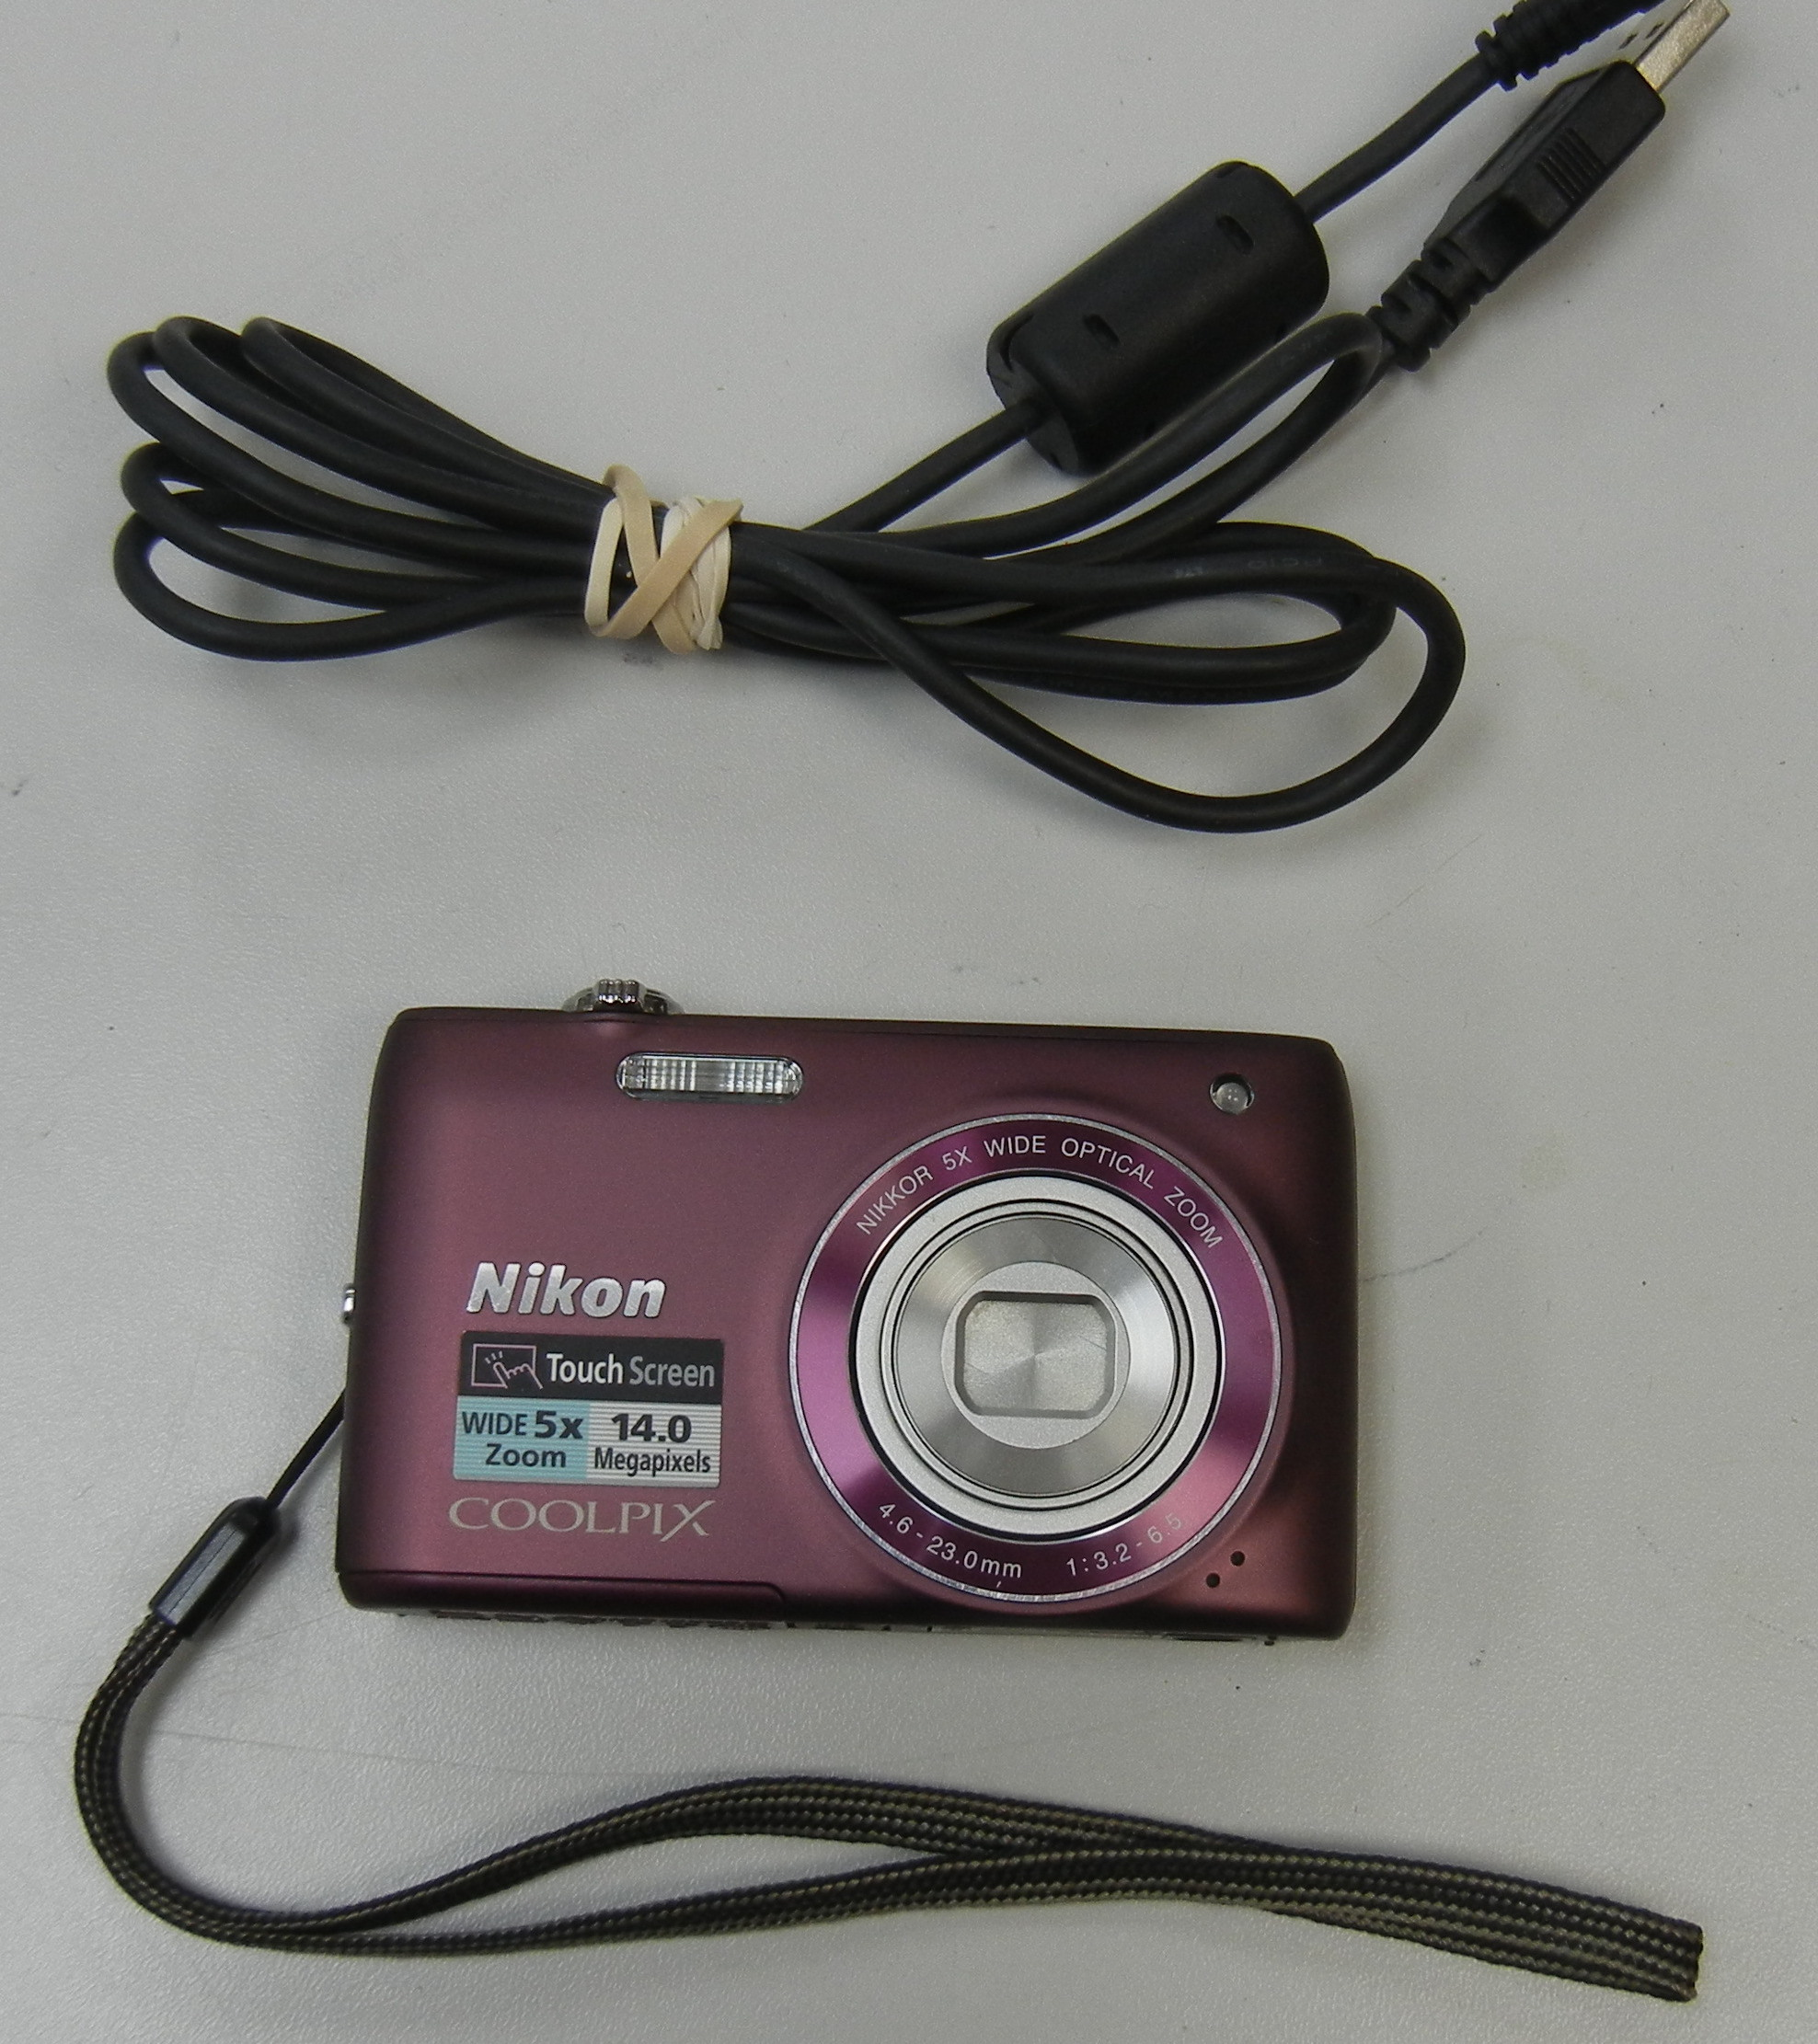 NIKON - COOLPIX S4100 - DIGITAL CAMERA